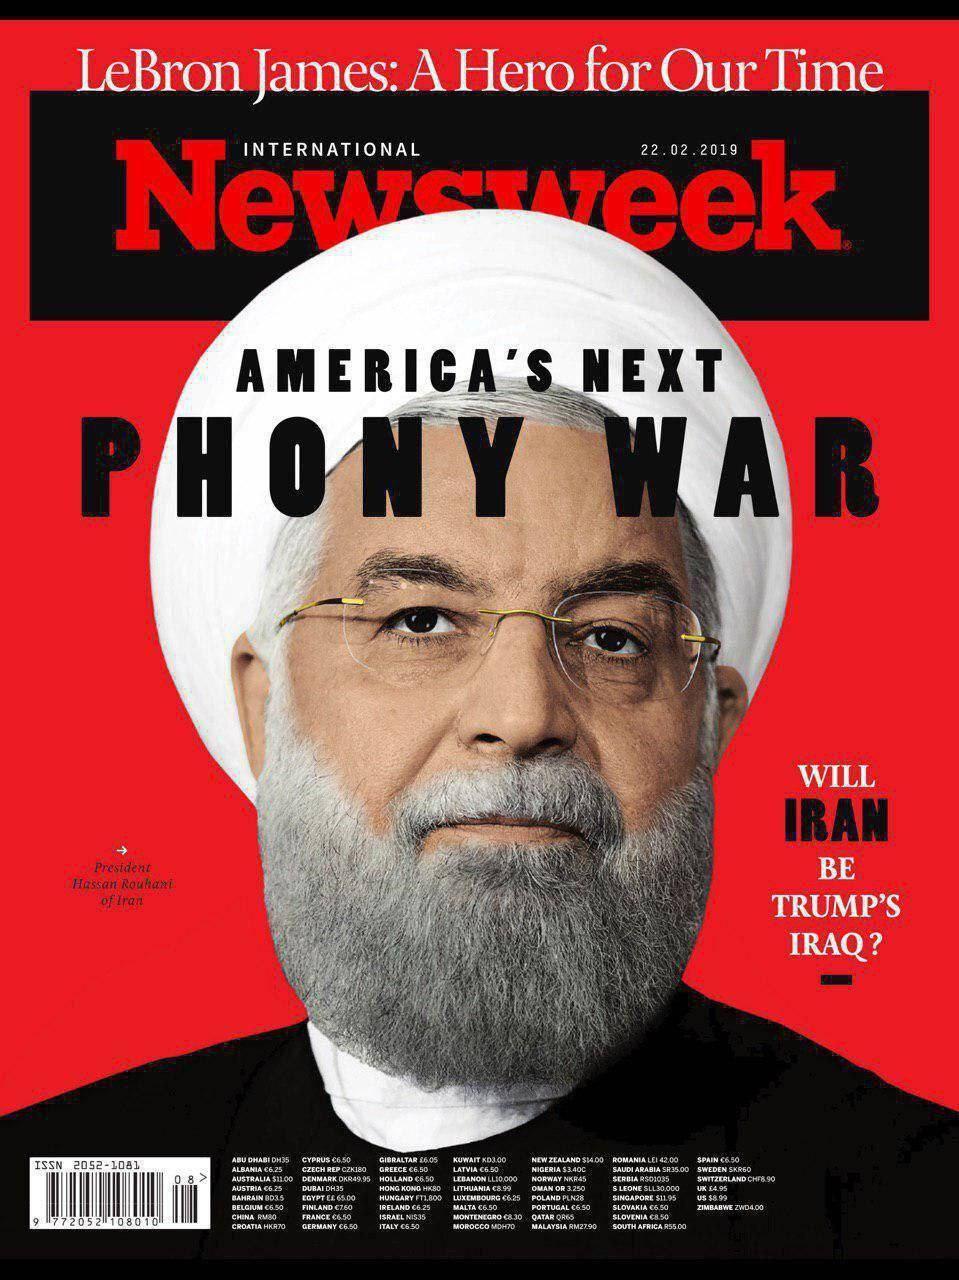 چرا روحانی روی جلد نیوزویک رفت؟/ یک اتفاق ساده به جنگ ایران و آمریکا ختم میشود